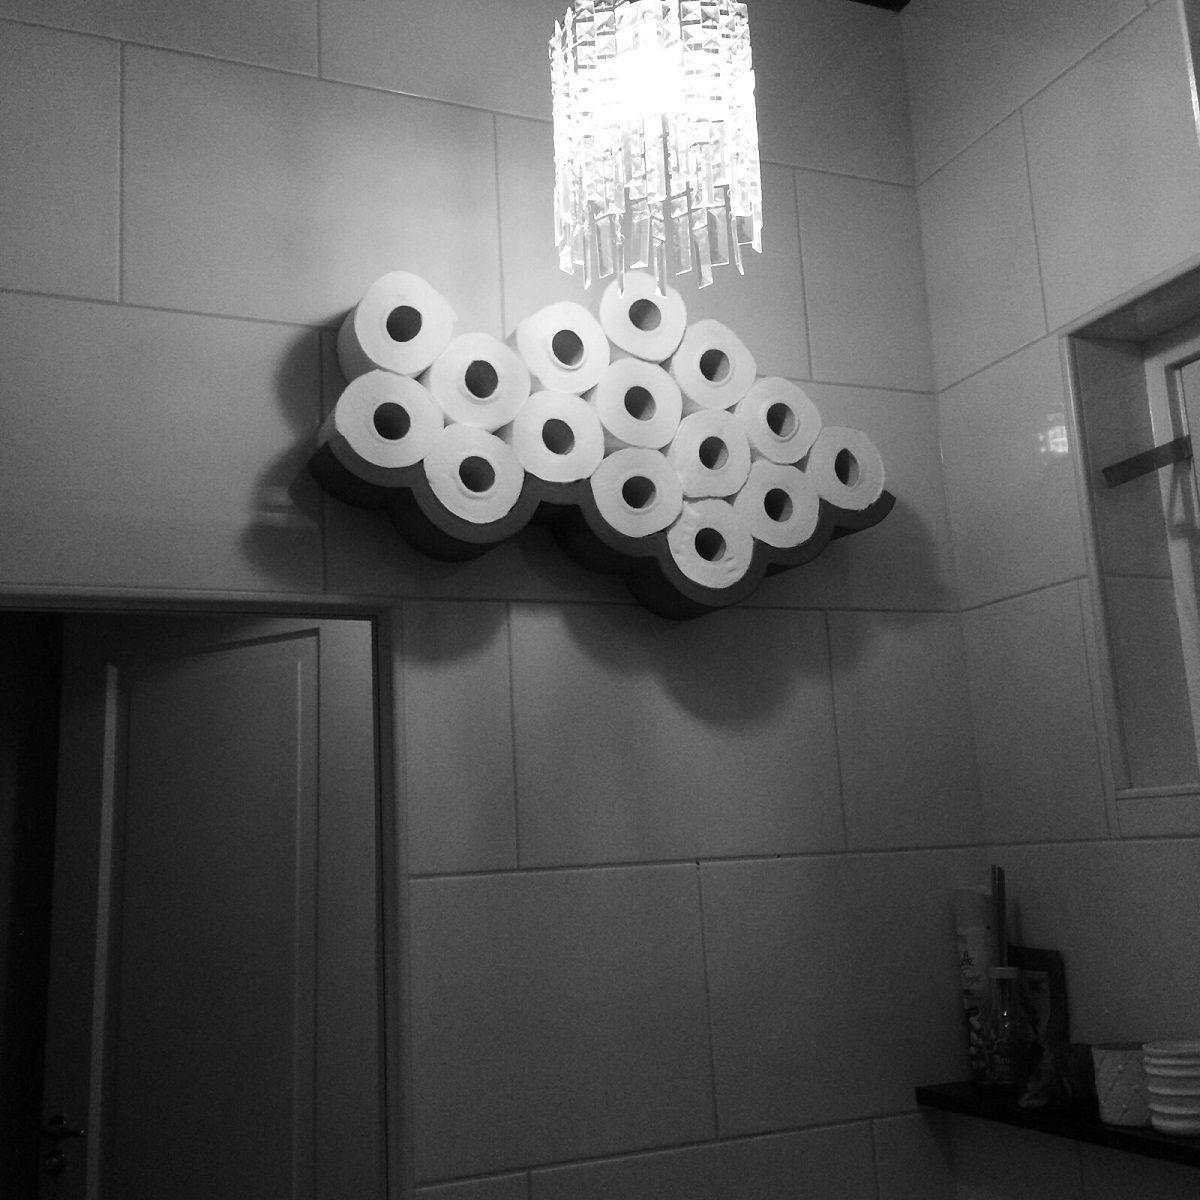 cloud lyon beton de zachte vormen van een wolk uitgevoerd. Black Bedroom Furniture Sets. Home Design Ideas